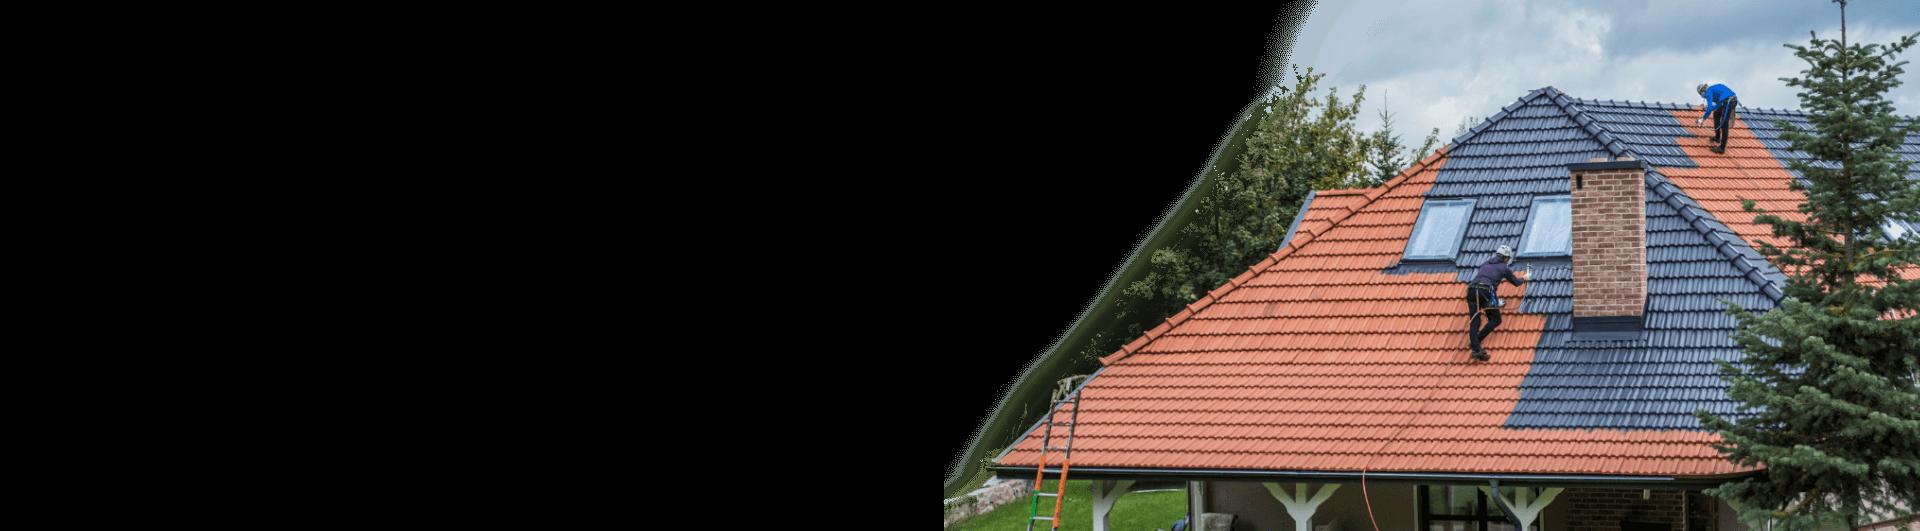 Farby na dach